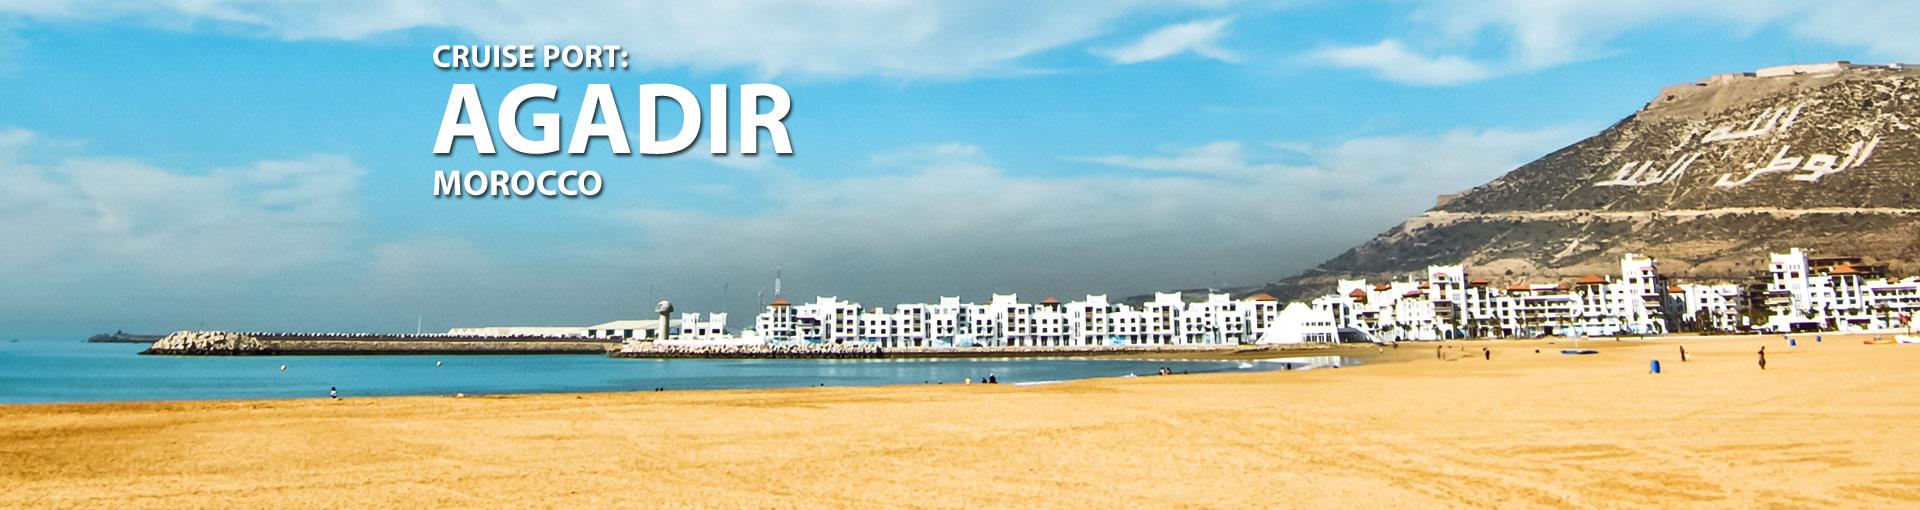 Cruises to Agadir, Morocco